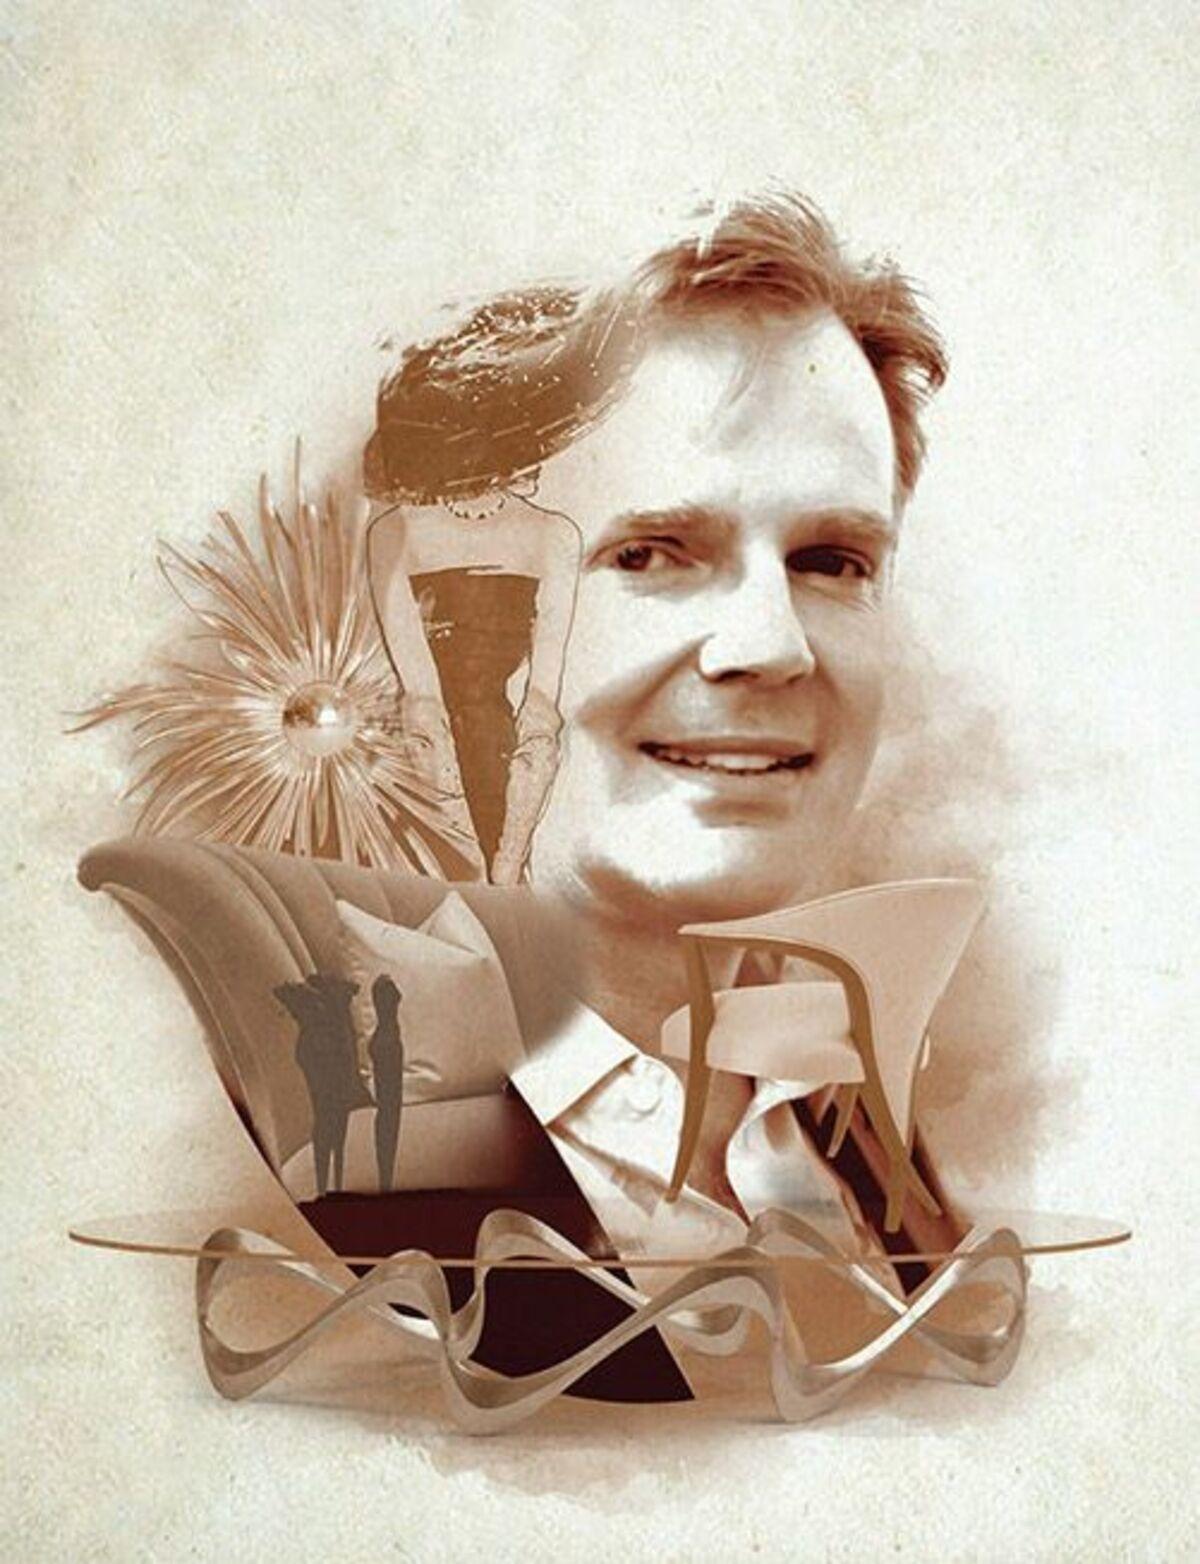 Classic series: Chris X - Vẻ đẹp cổ điển trong hơi thở đương đại